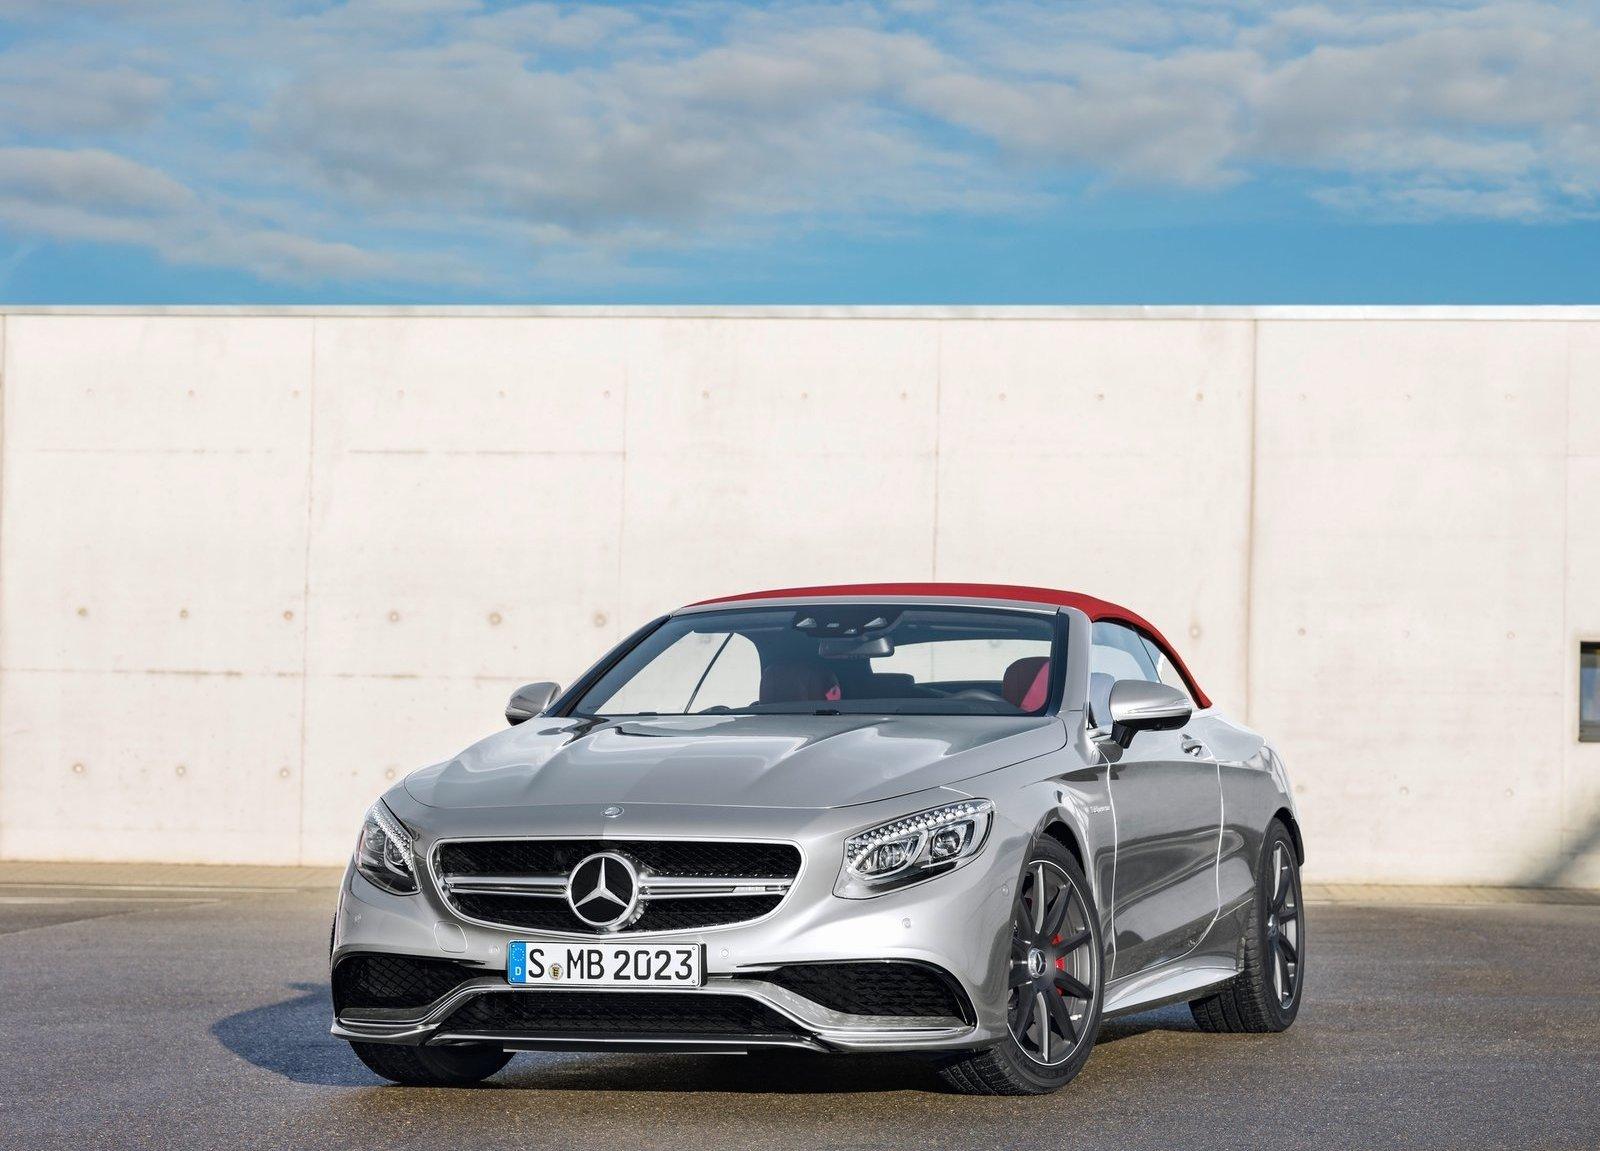 Foto de Mercedes-AMG S 63 Cabriolet Edition 130 (3/21)